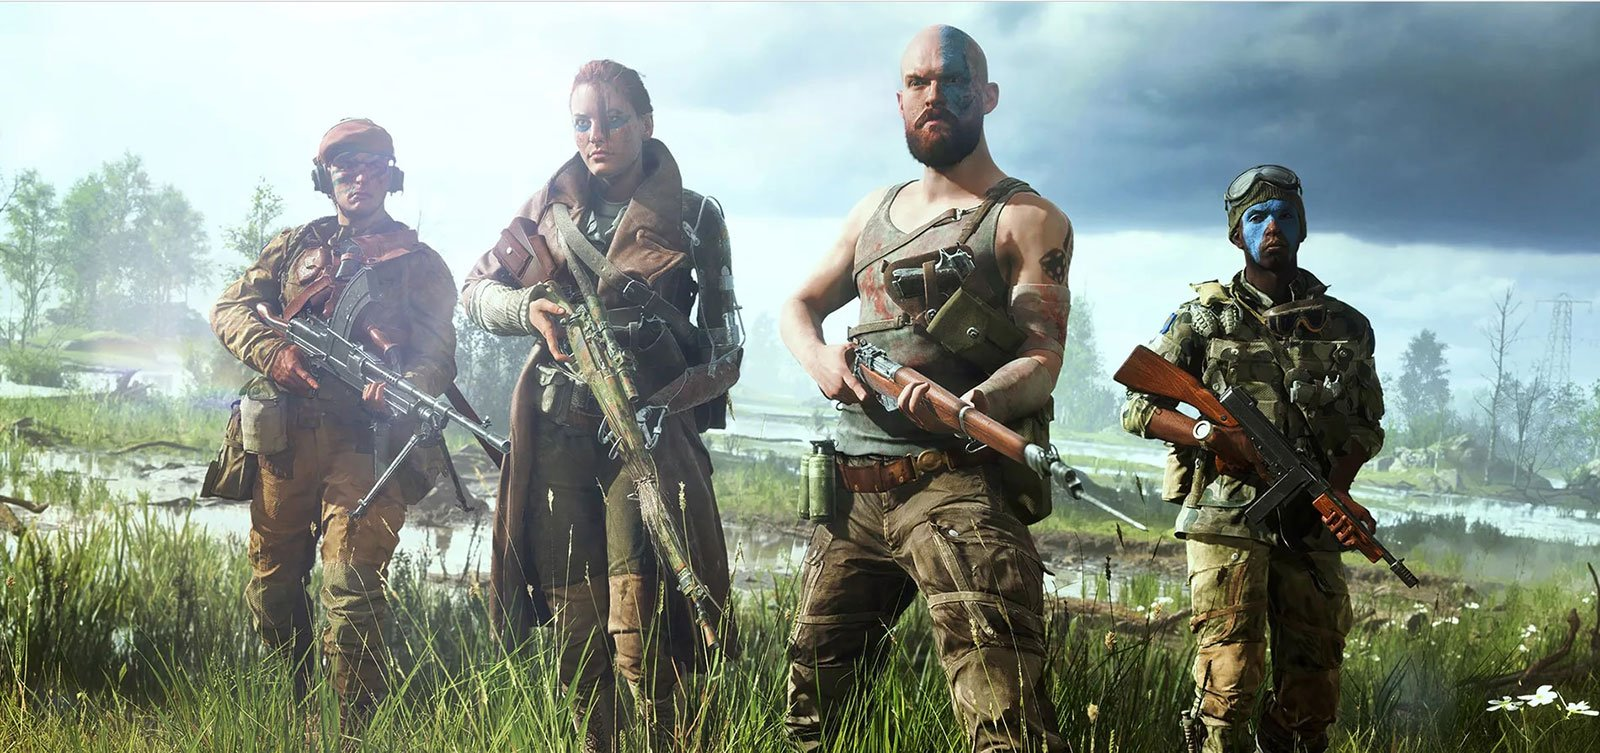 Battlefield 5 News